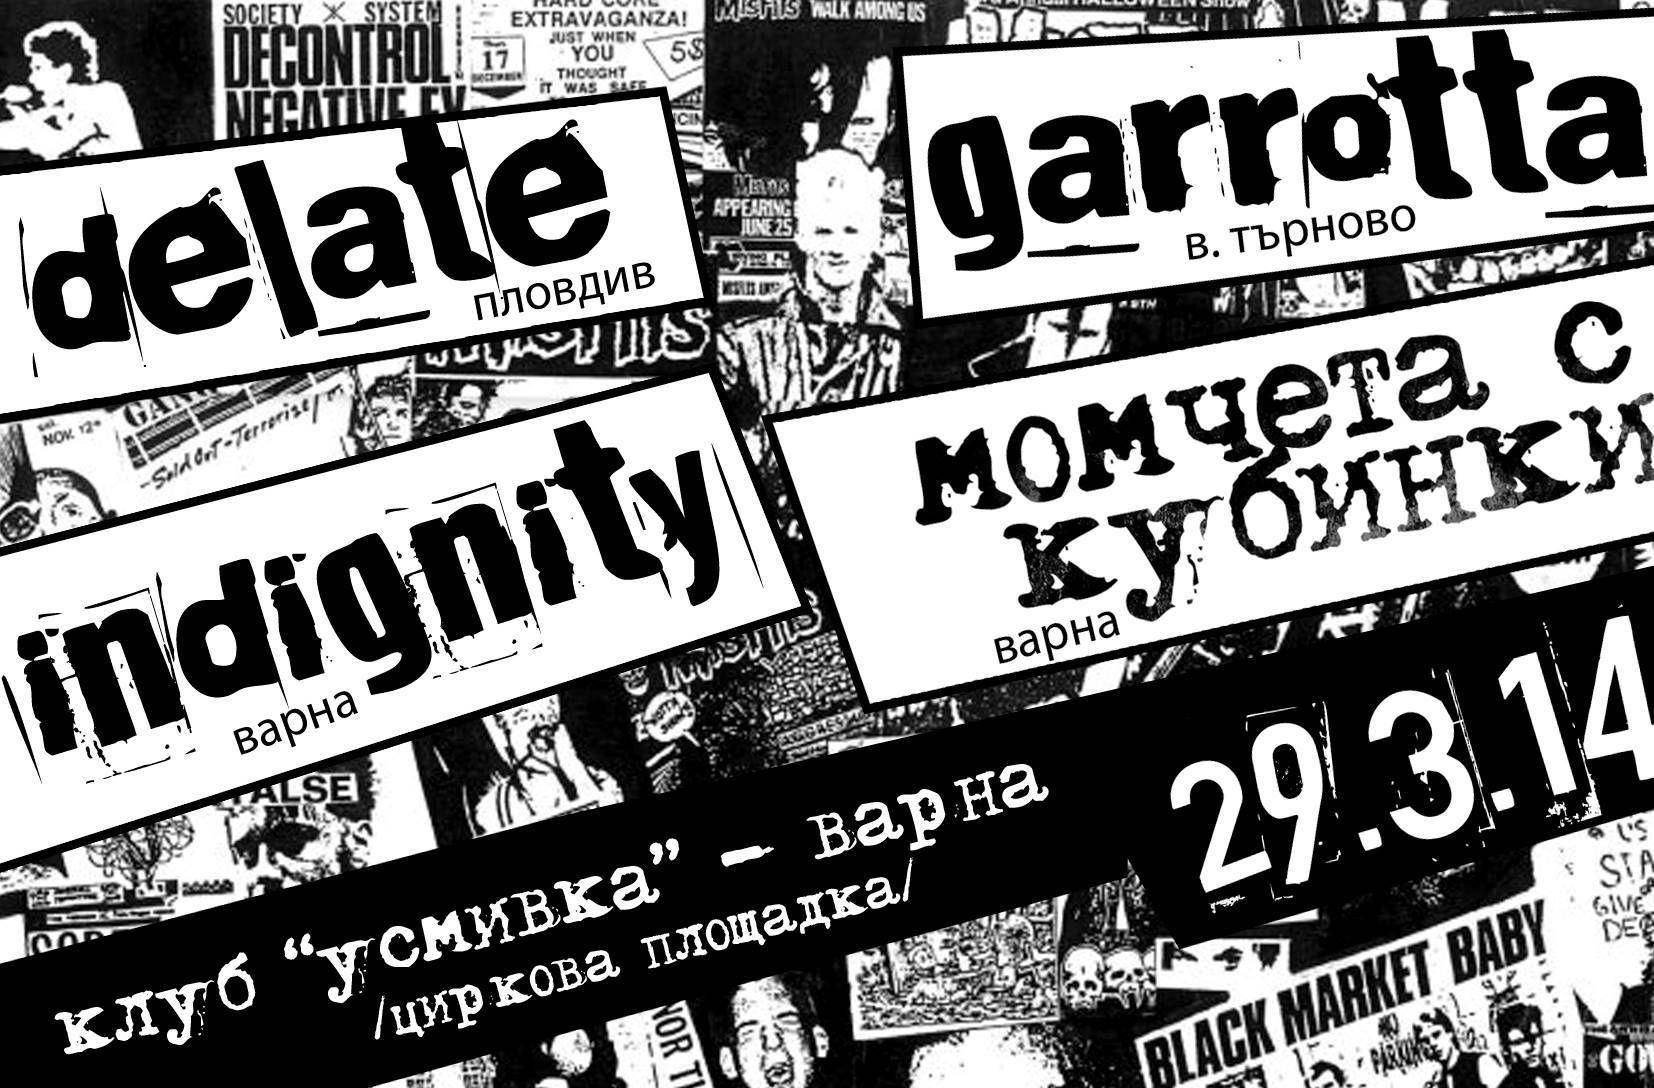 Разказ от концерт на Момчета с кубинки, Indignity, Garrotta и Delate във Варна